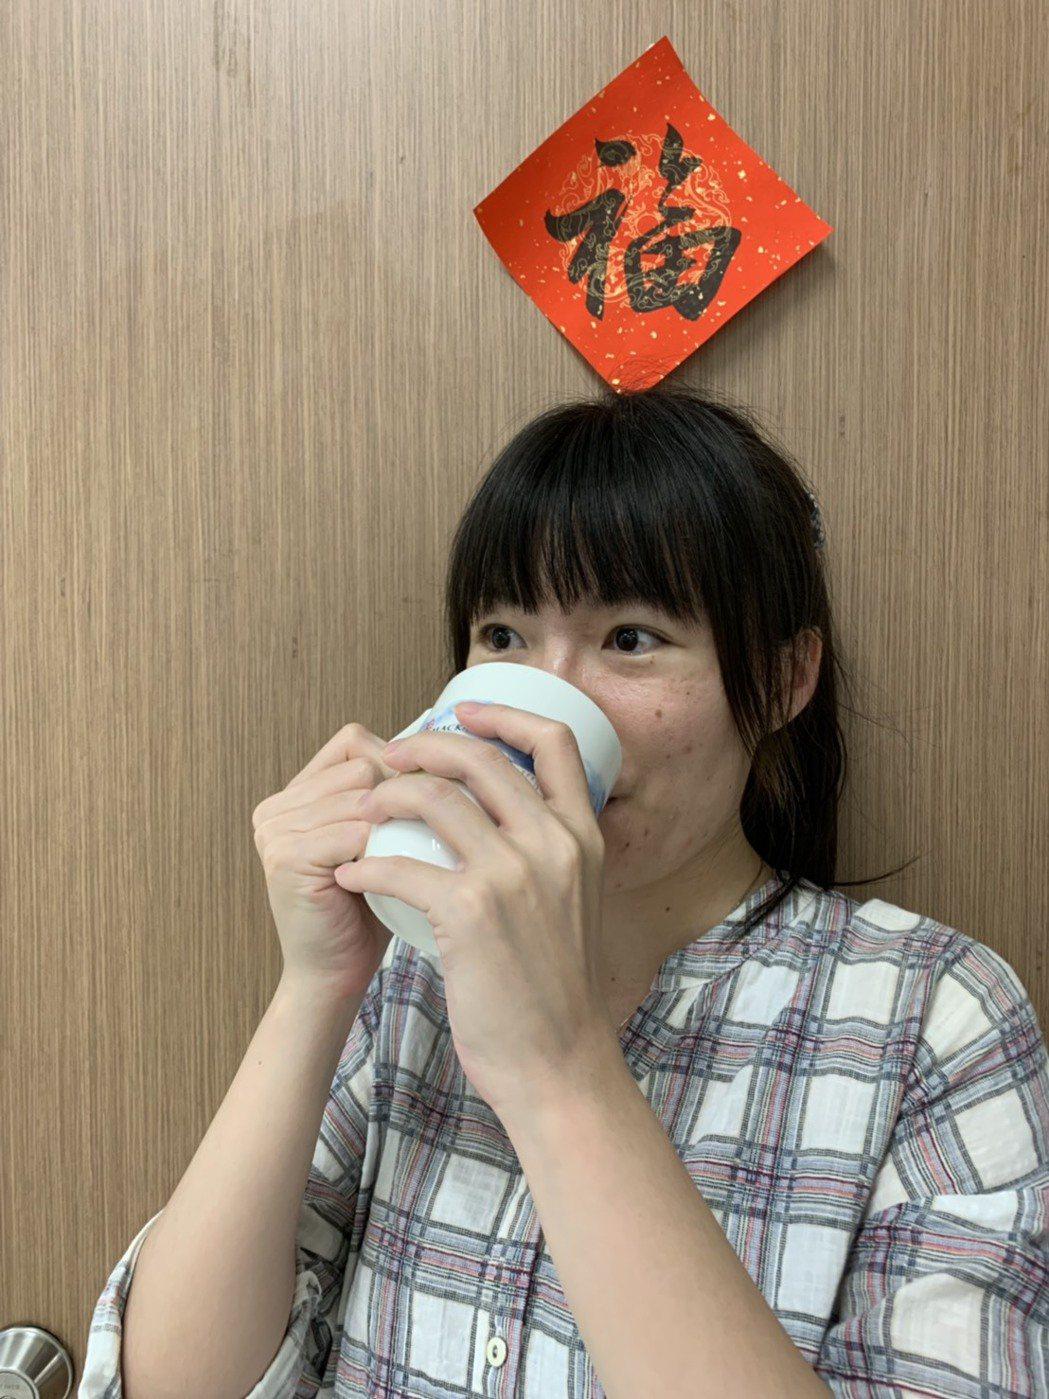 水分的補充可依照每人每日熱量的攝取建議,如一名女性建議每天攝取1200大卡,每天...